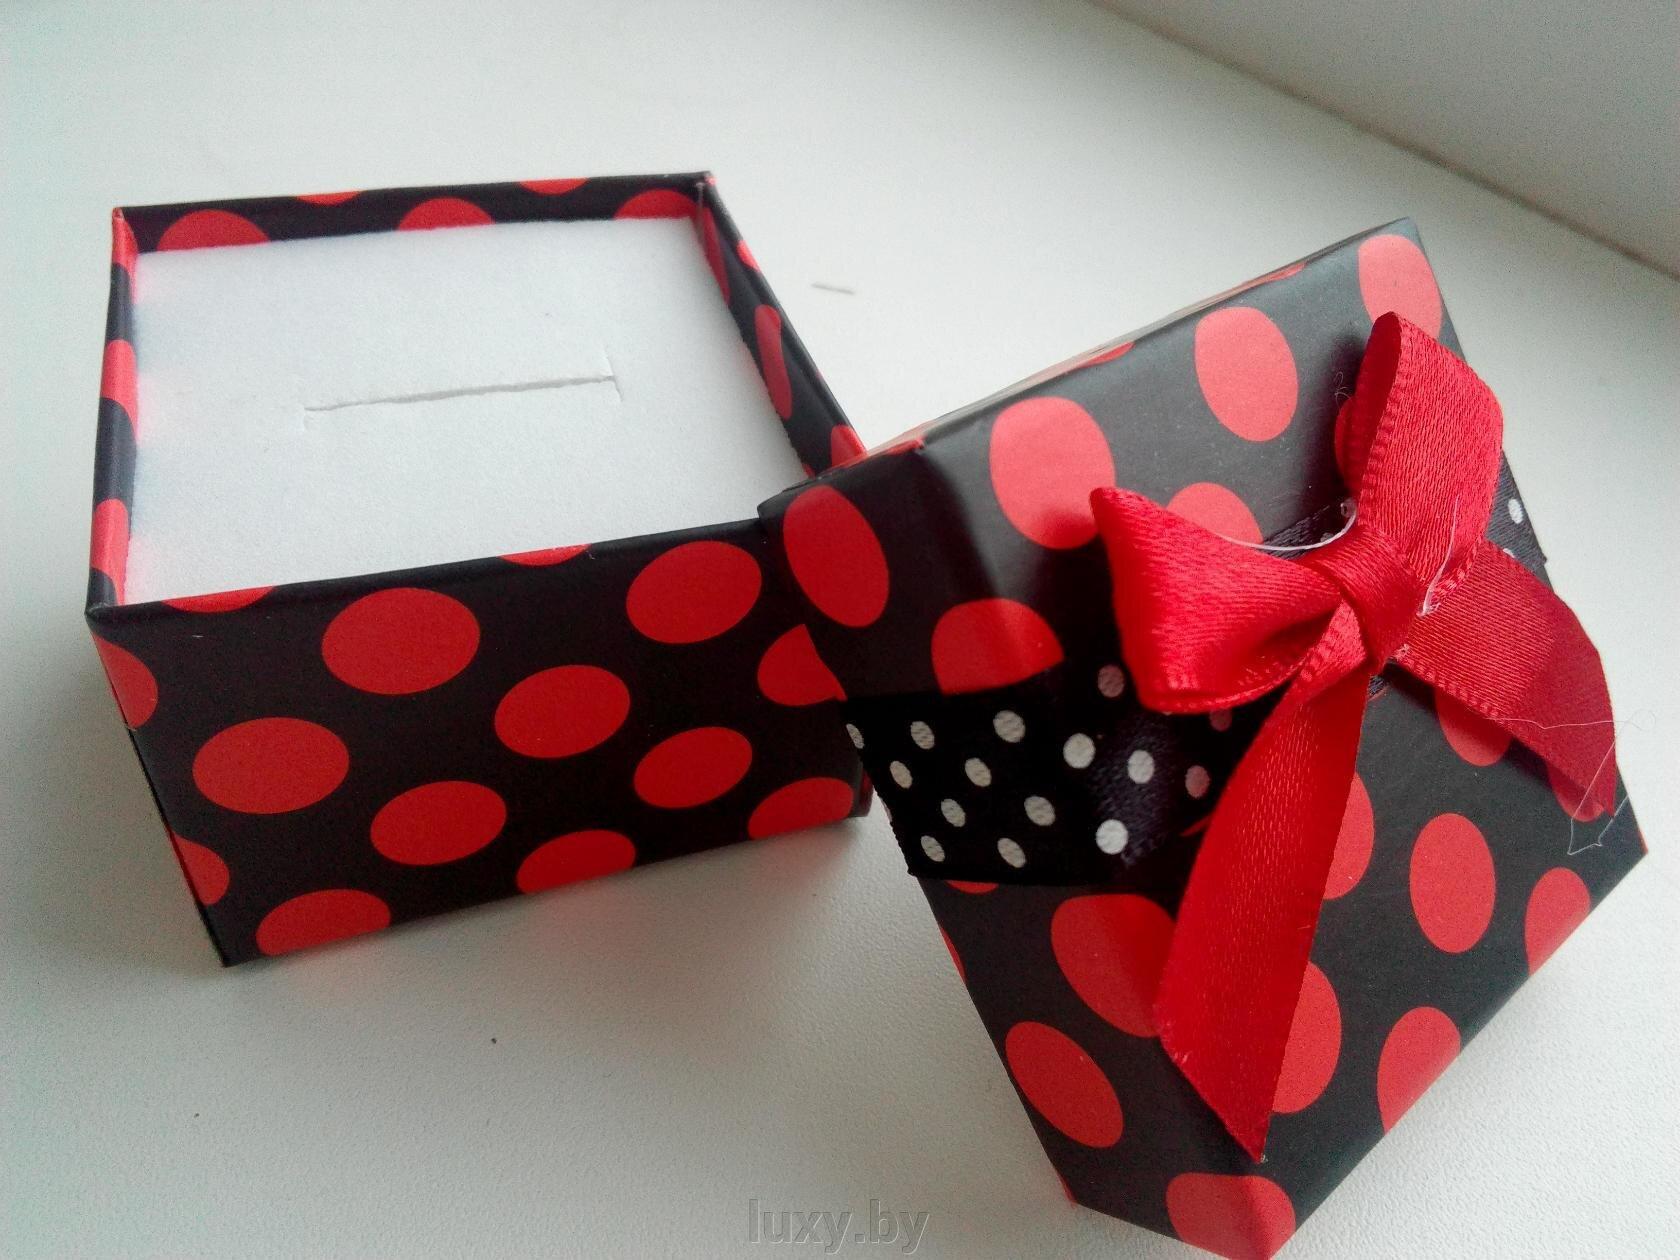 Что подарить на праздник? - фото подарочная коробочка